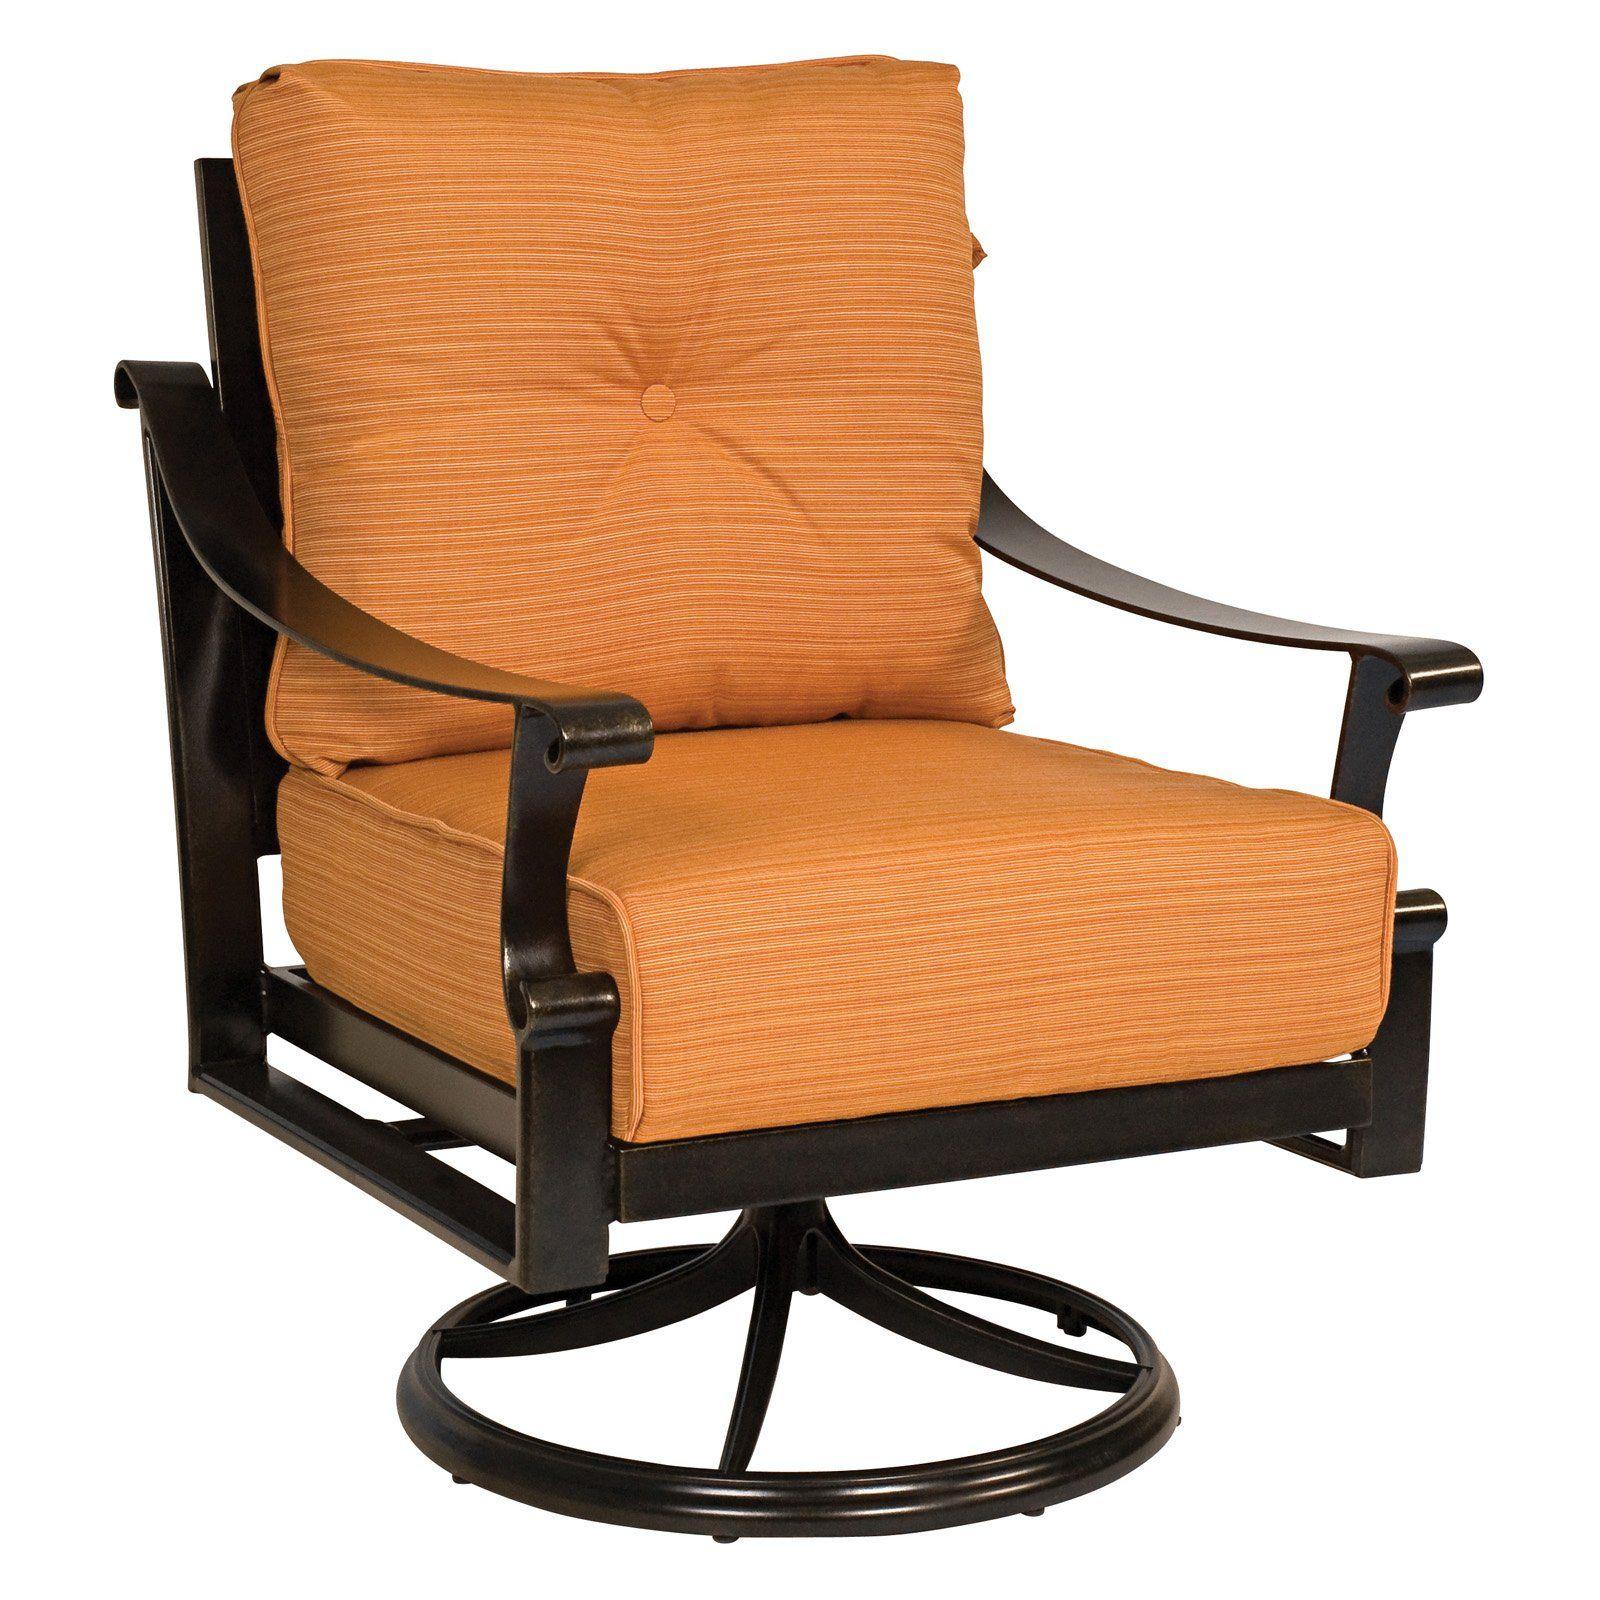 Woodard Bungalow Cushion Swivel Rocker Lounge Chair 877